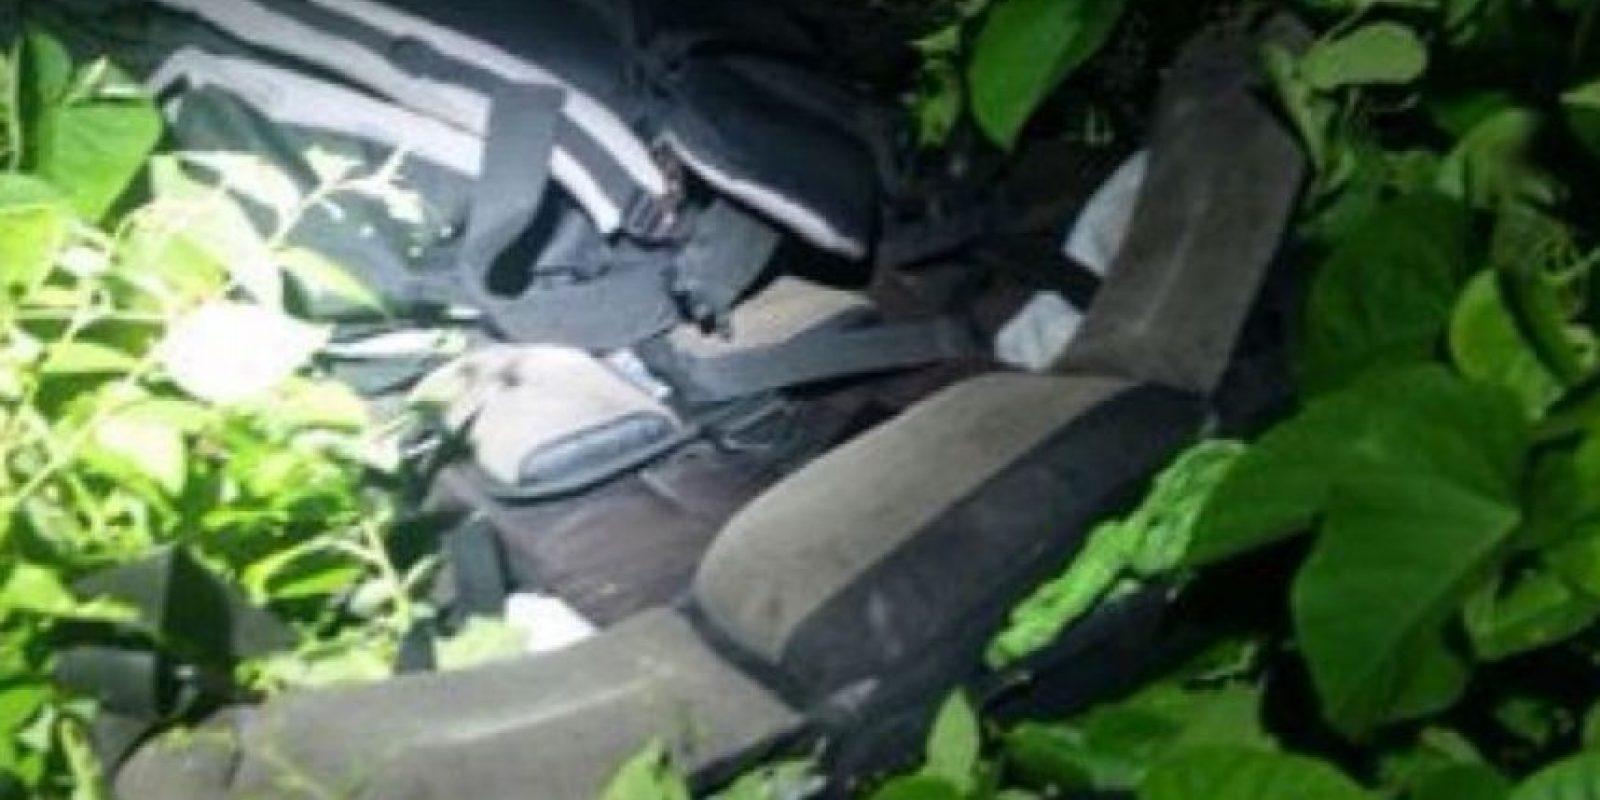 El ministro del Interior de Ecuador, José Serrano Salgado, difundió a través de su cuenta personal de Twitter, una serie de imágenes tomadas en el sector donde se habría cometido el brutal crimen Foto:Twitter.com/ppsesa